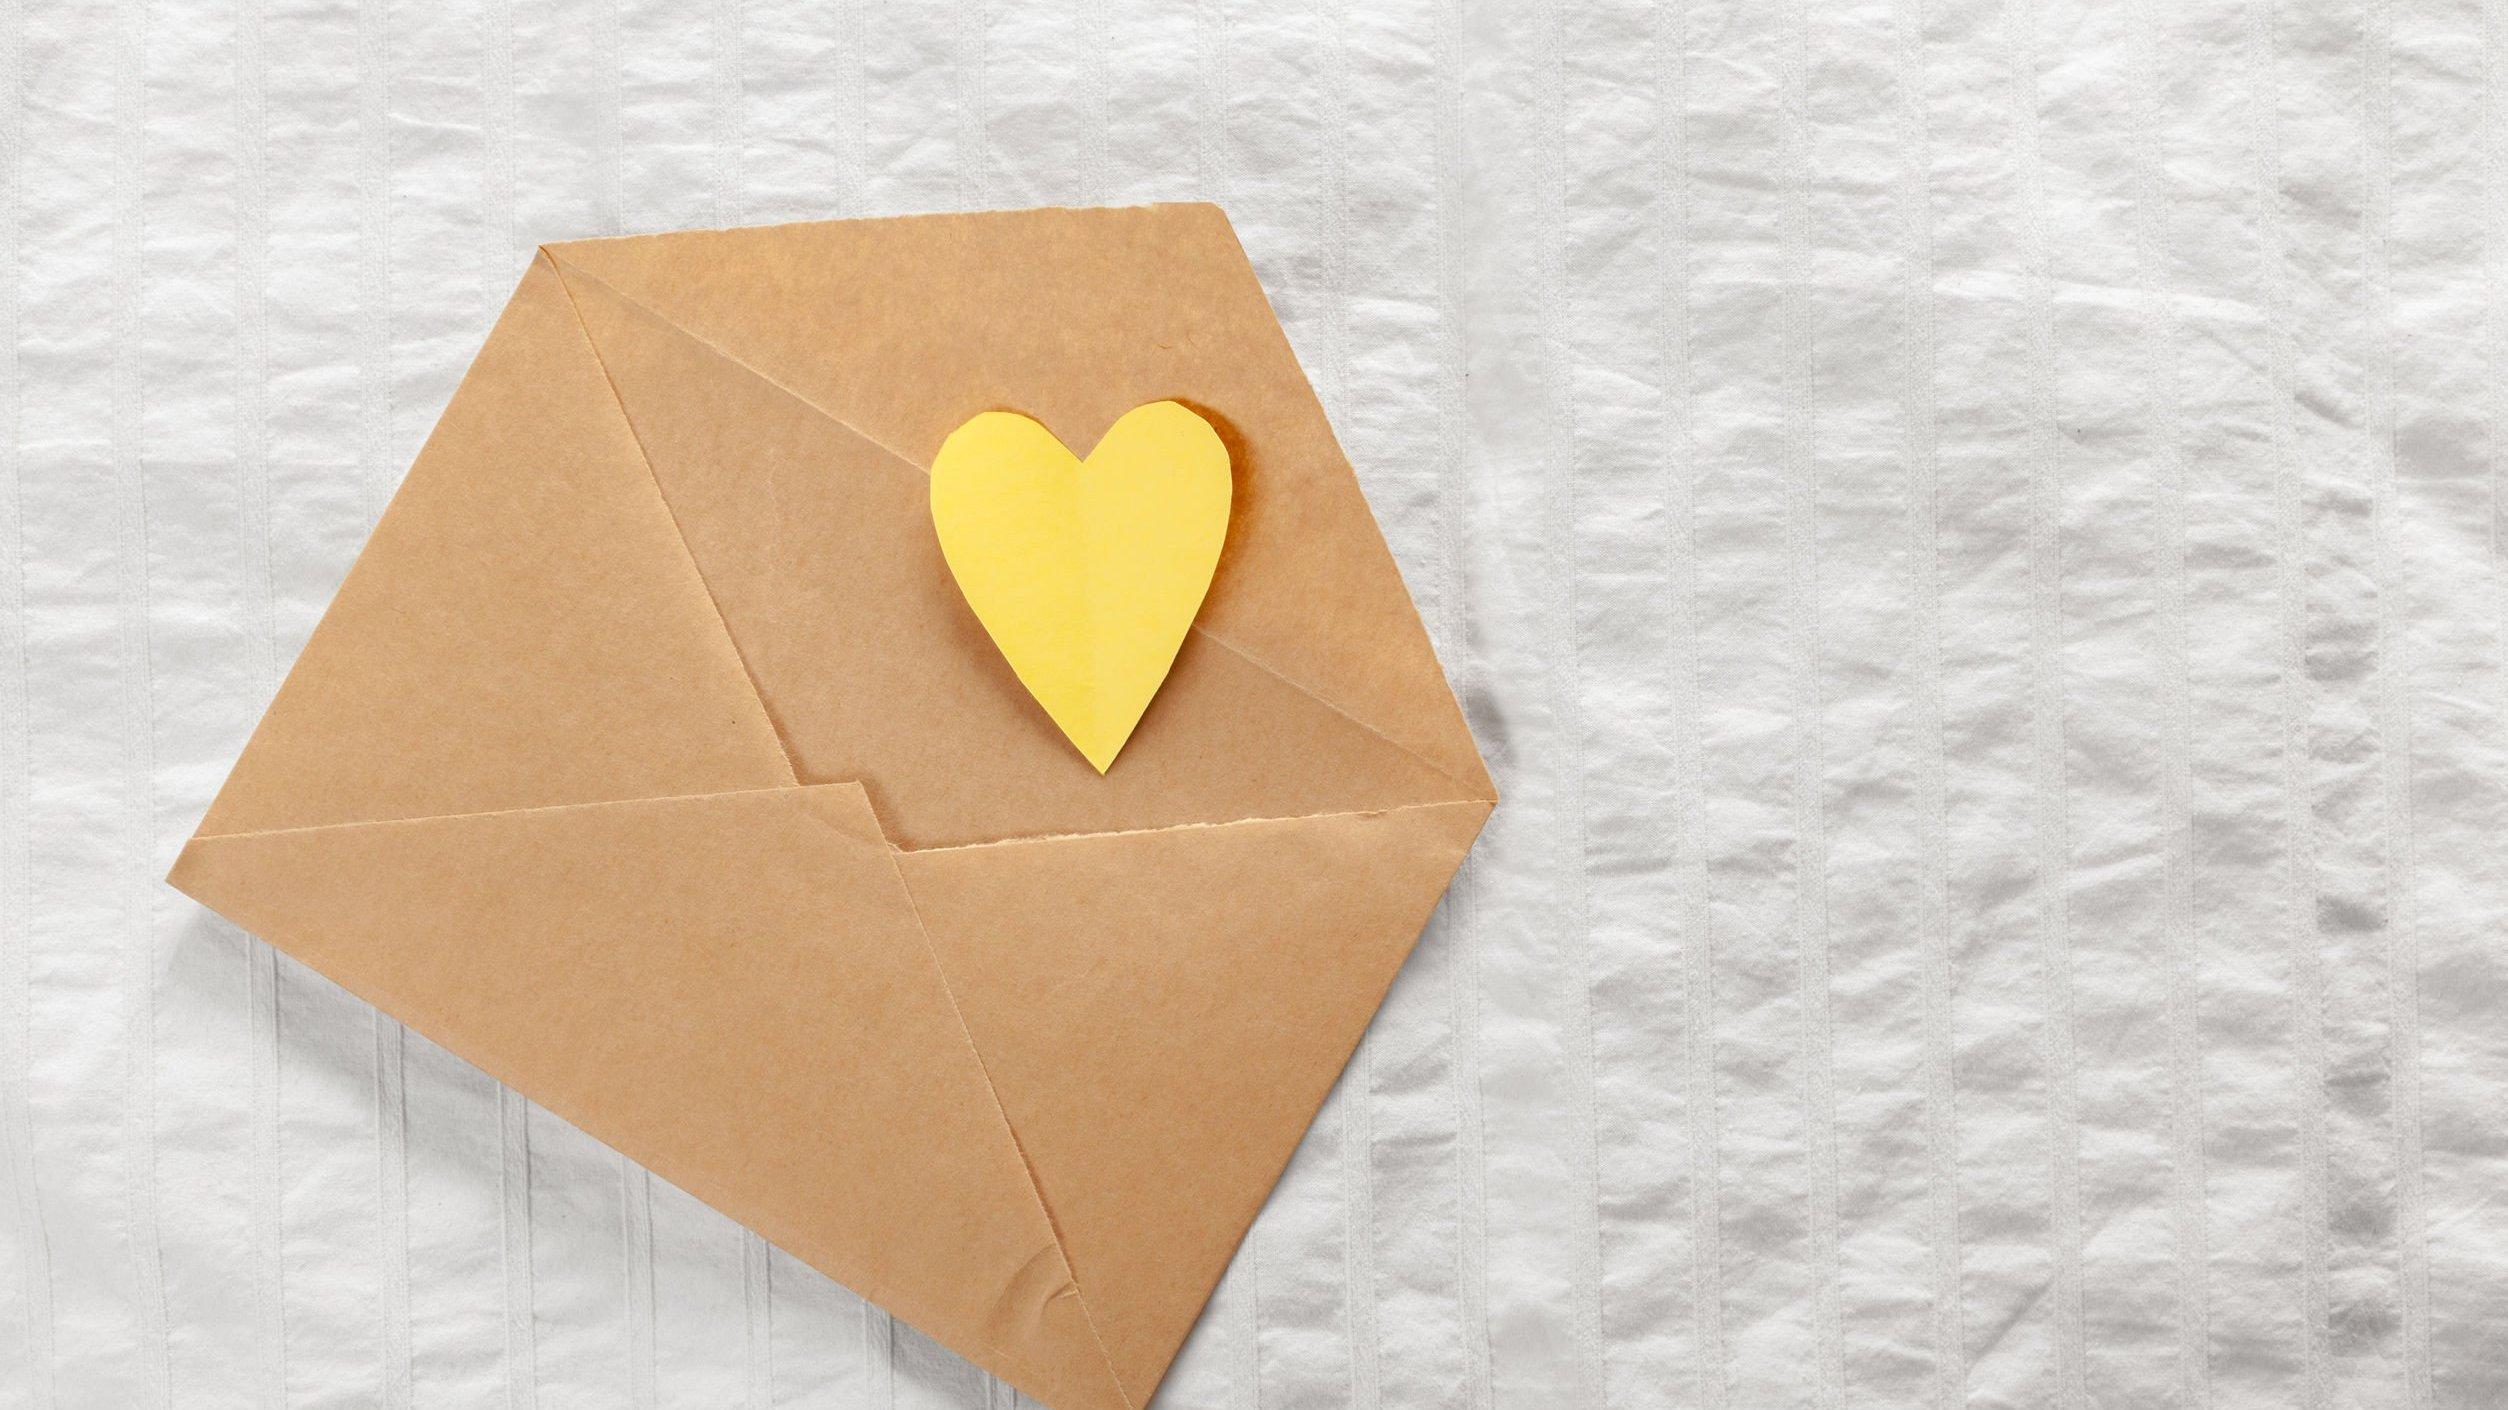 Envelope marrom aberto, com coração amarelo saindo dele, colocado sob mesa branca